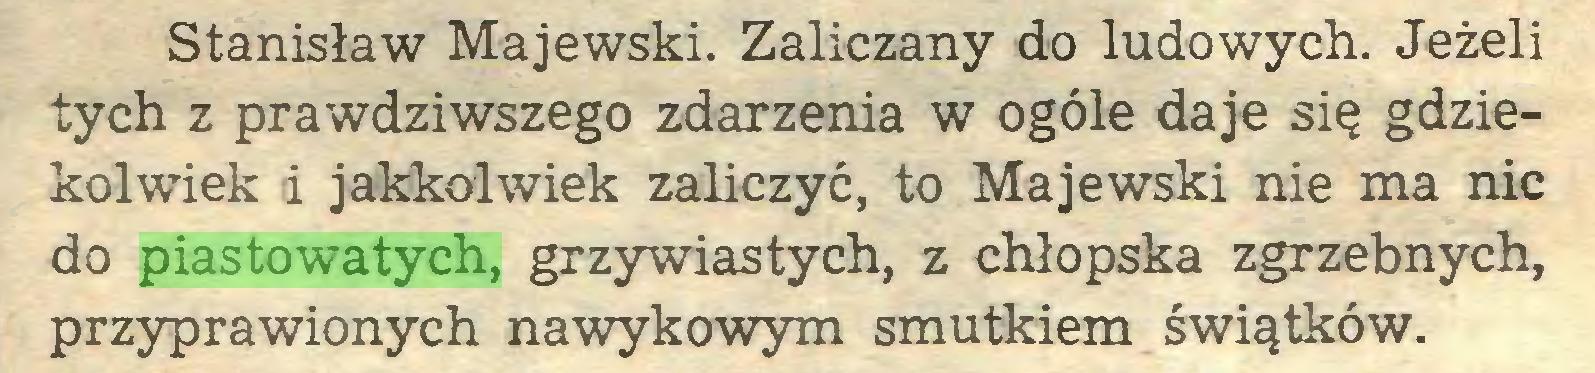 (...) Stanisław Majewski. Zaliczany do ludowych. Jeżeli tych z prawdziwszego zdarzenia w ogóle daje się gdziekolwiek i jakkolwiek zaliczyć, to Majewski nie ma nic do piastowatych, grzywiastych, z chłopska zgrzebnych, przyprawionych nawykowym smutkiem świątków...